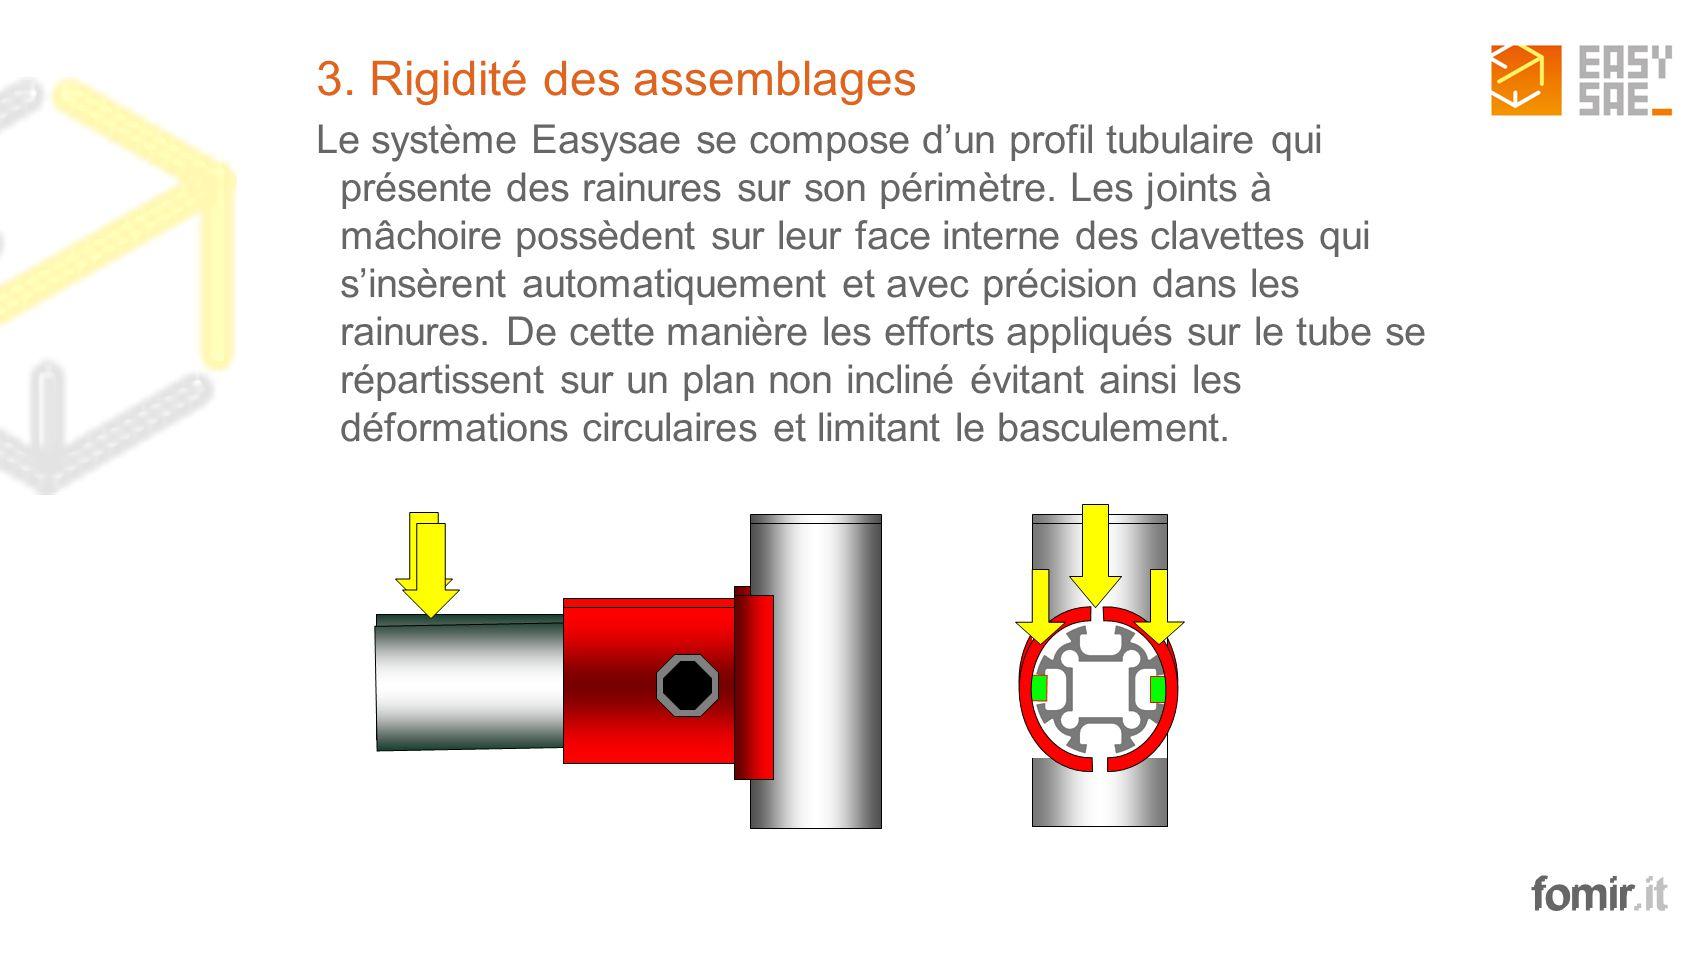 fomir.it 3. Rigidité des assemblages Le système Easysae se compose d'un profil tubulaire qui présente des rainures sur son périmètre. Les joints à mâc